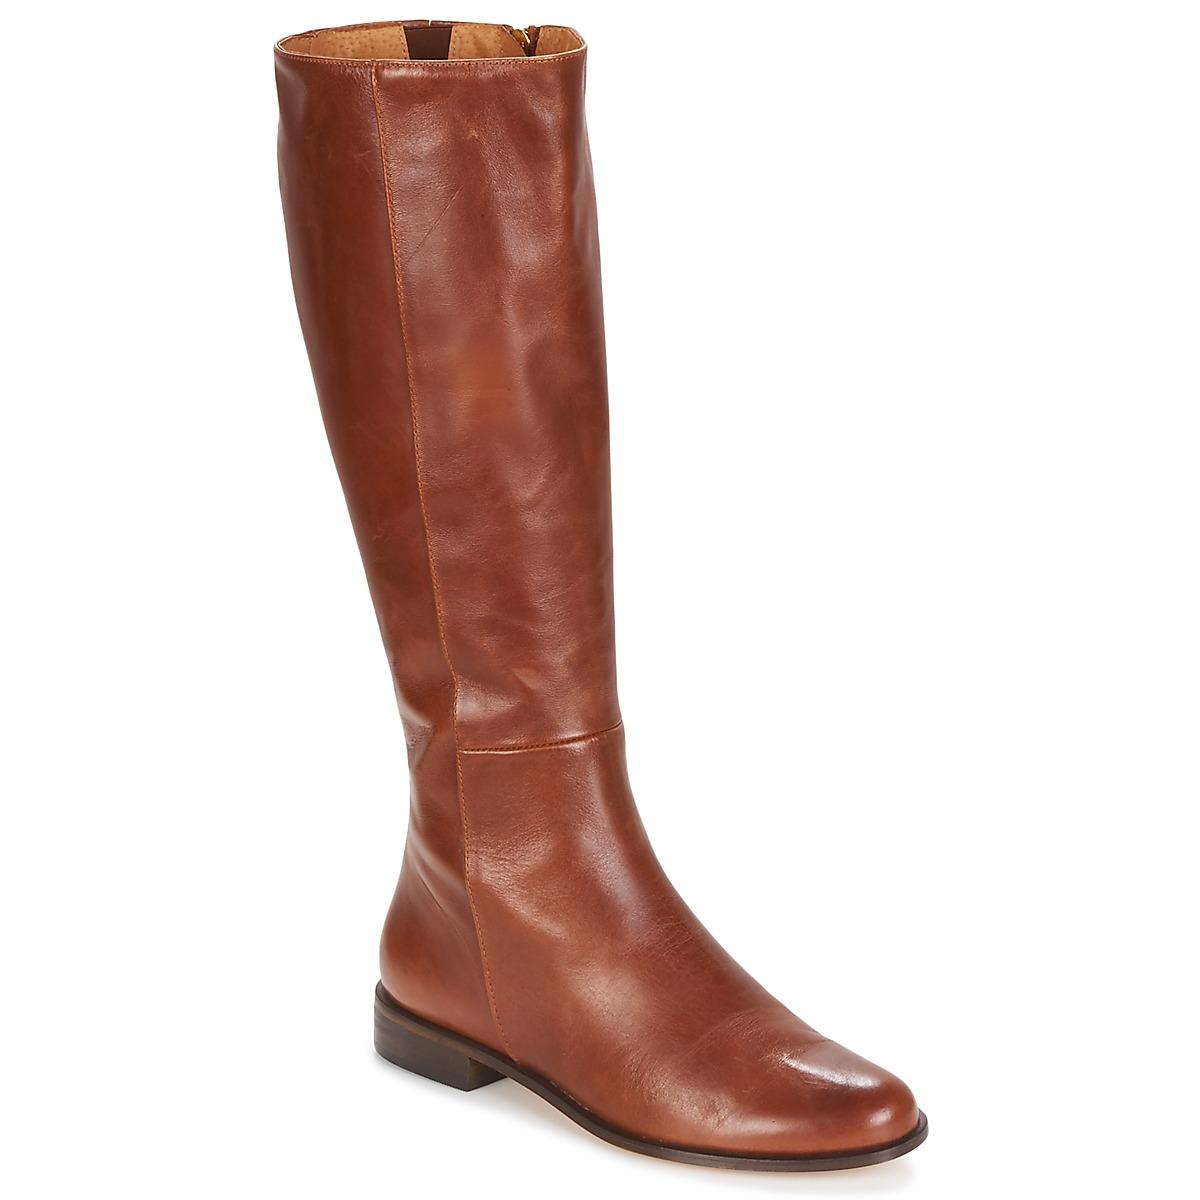 Fericelli LUCILLA Camel - Kostenloser Versand bei Spartoode ! - Schuhe Klassische Stiefel Damen 159,20 €